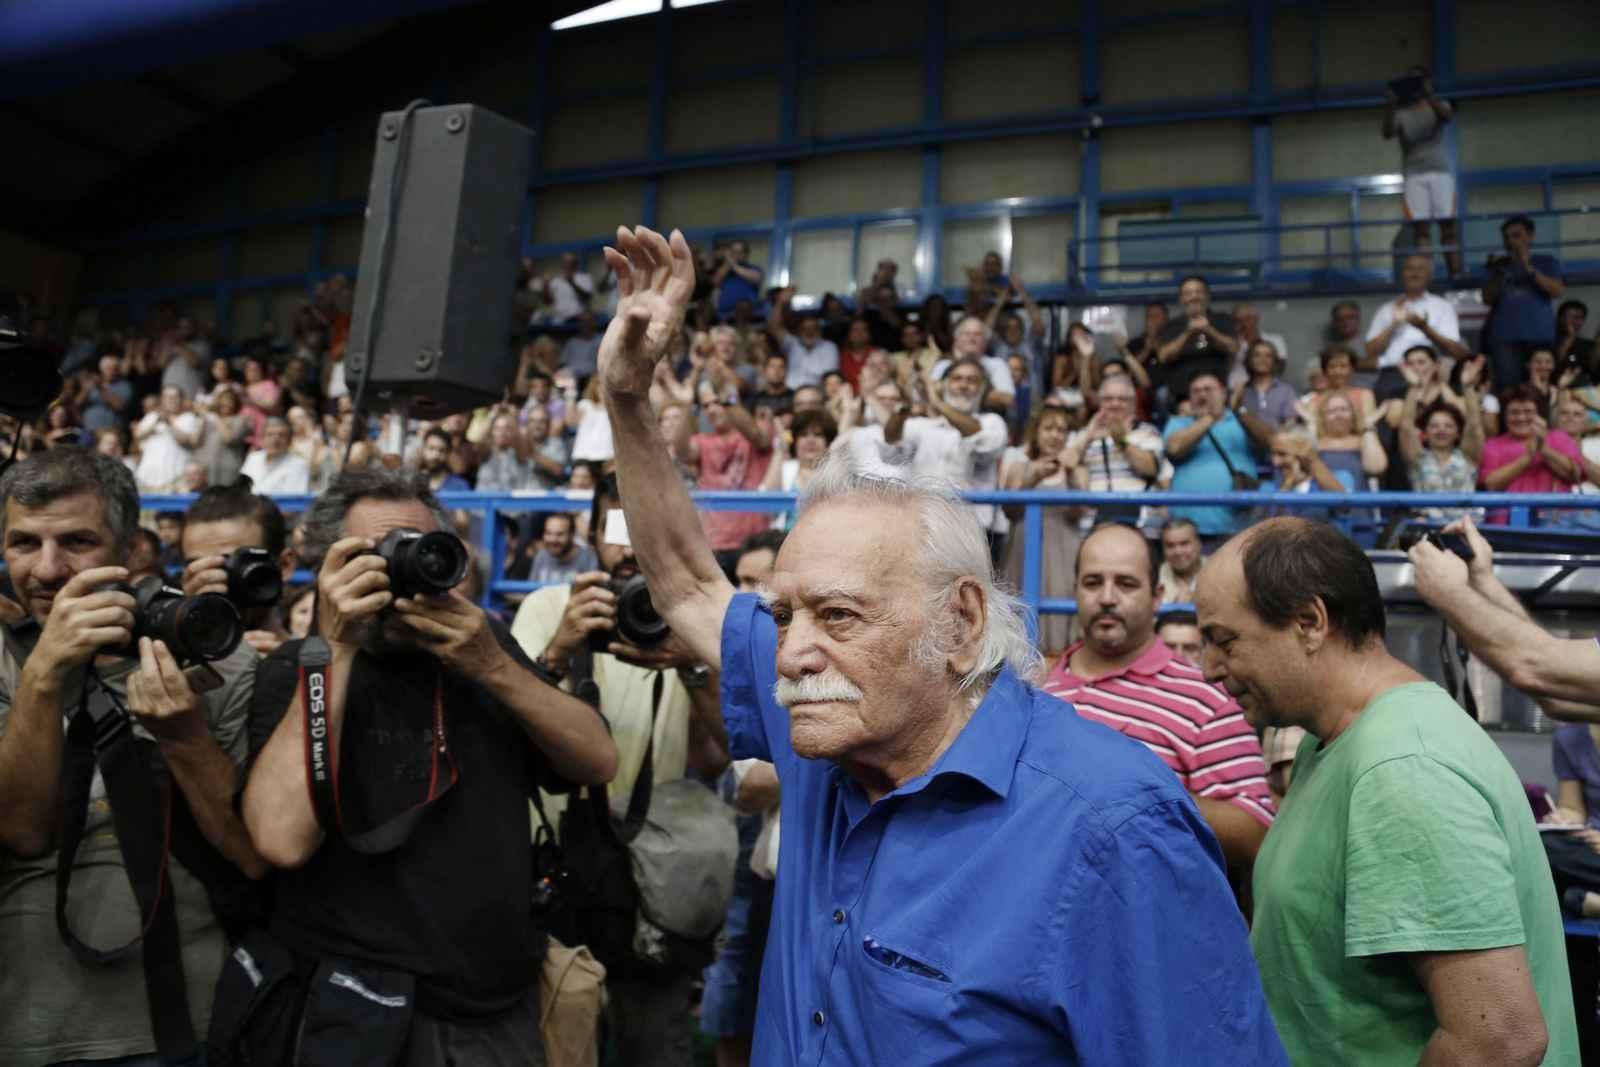 ΑΘΗΝΑ-Ομιλία του Π.Λαφαζάνη σε συγκέντρωση της Αριστερής Πλατφόρμας στο Πανελλήνιο .(Eurokinissi-ΣΤΕΛΙΟΣ ΜΙΣΙΝΑΣ)